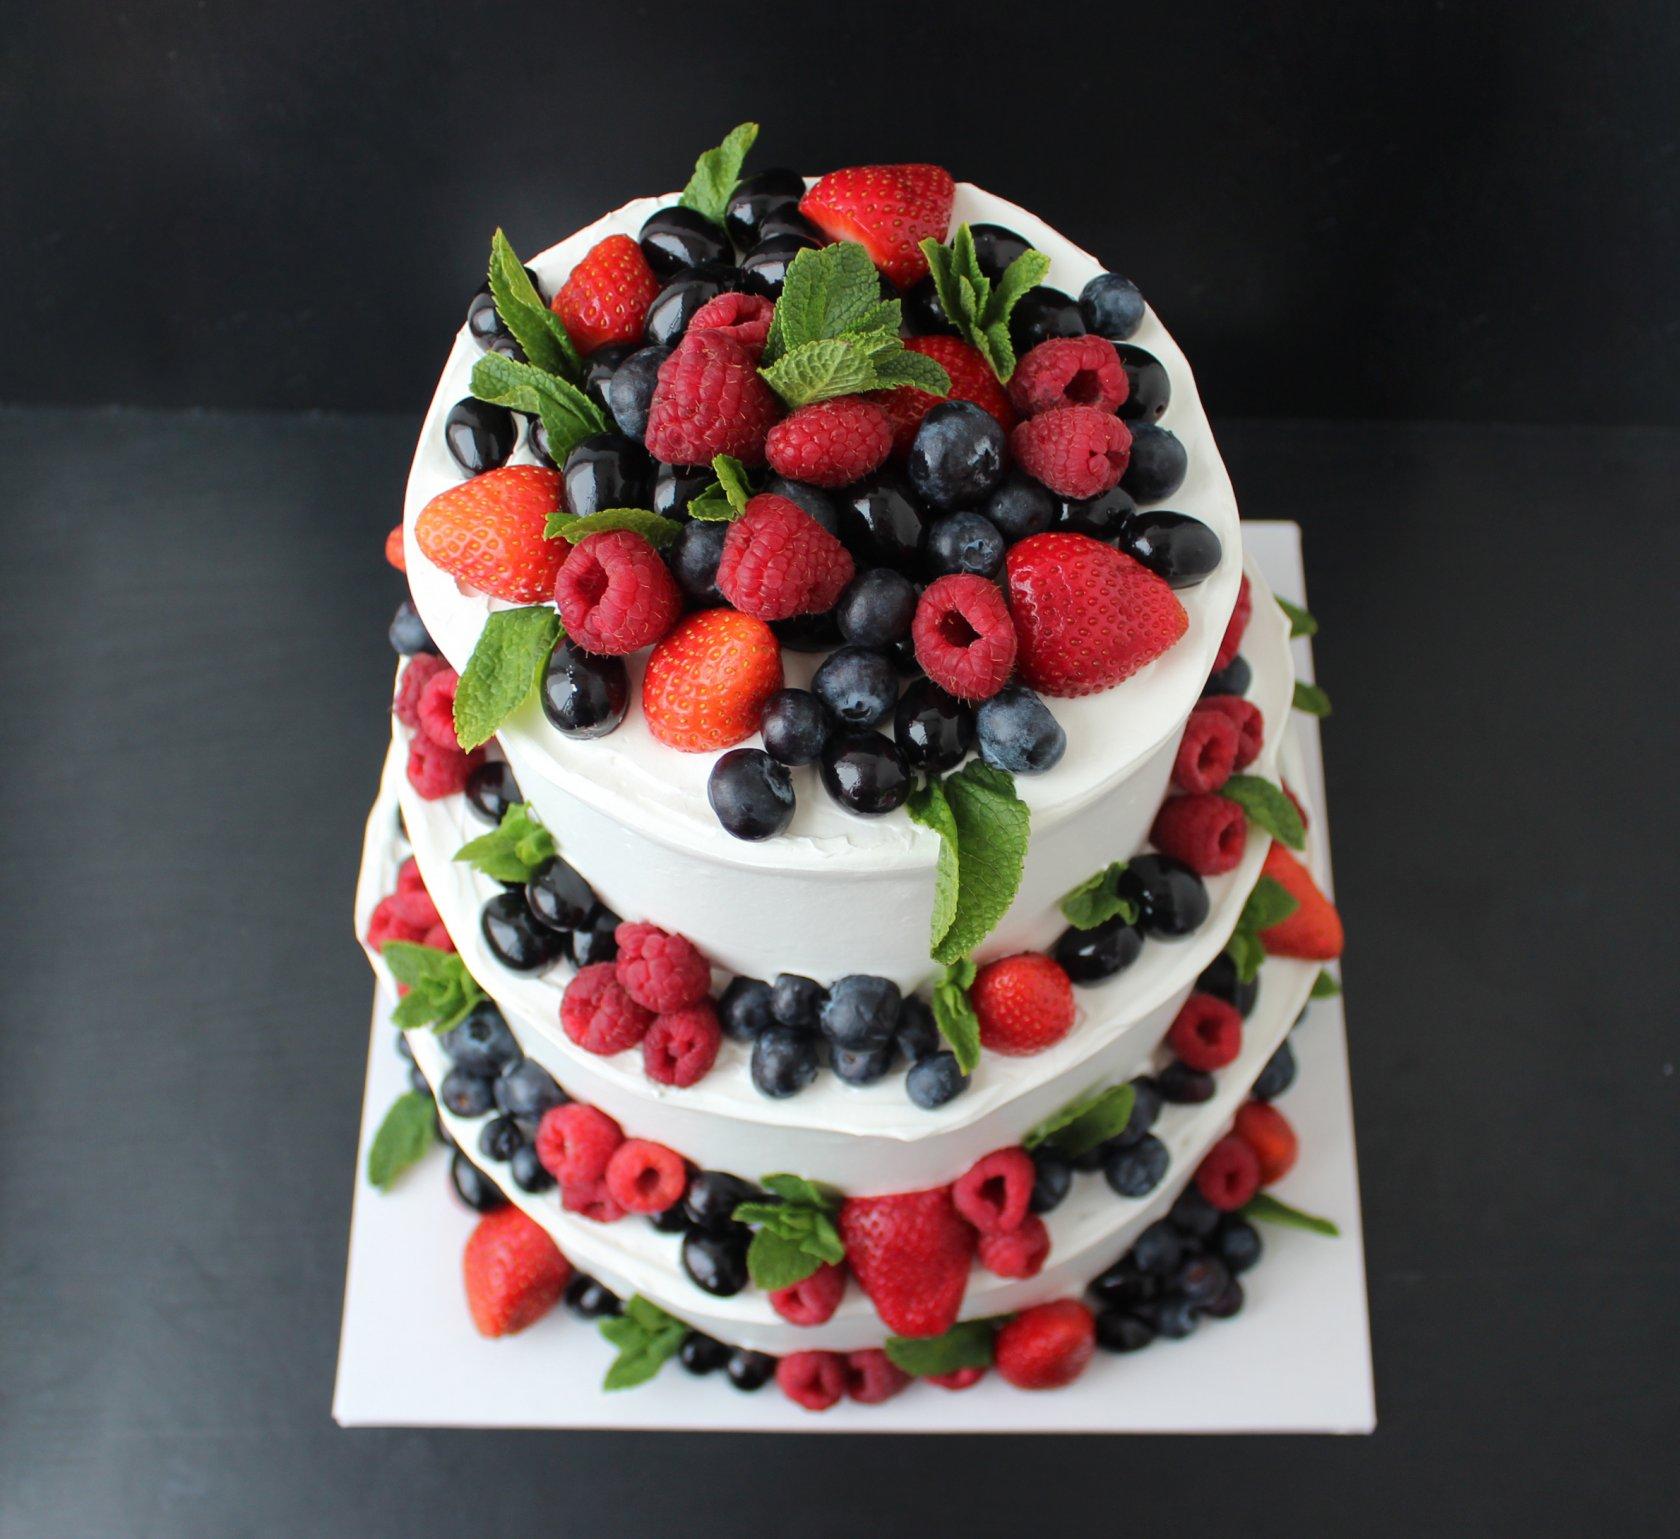 украшение торта свежими ягодами фото талант давно уже